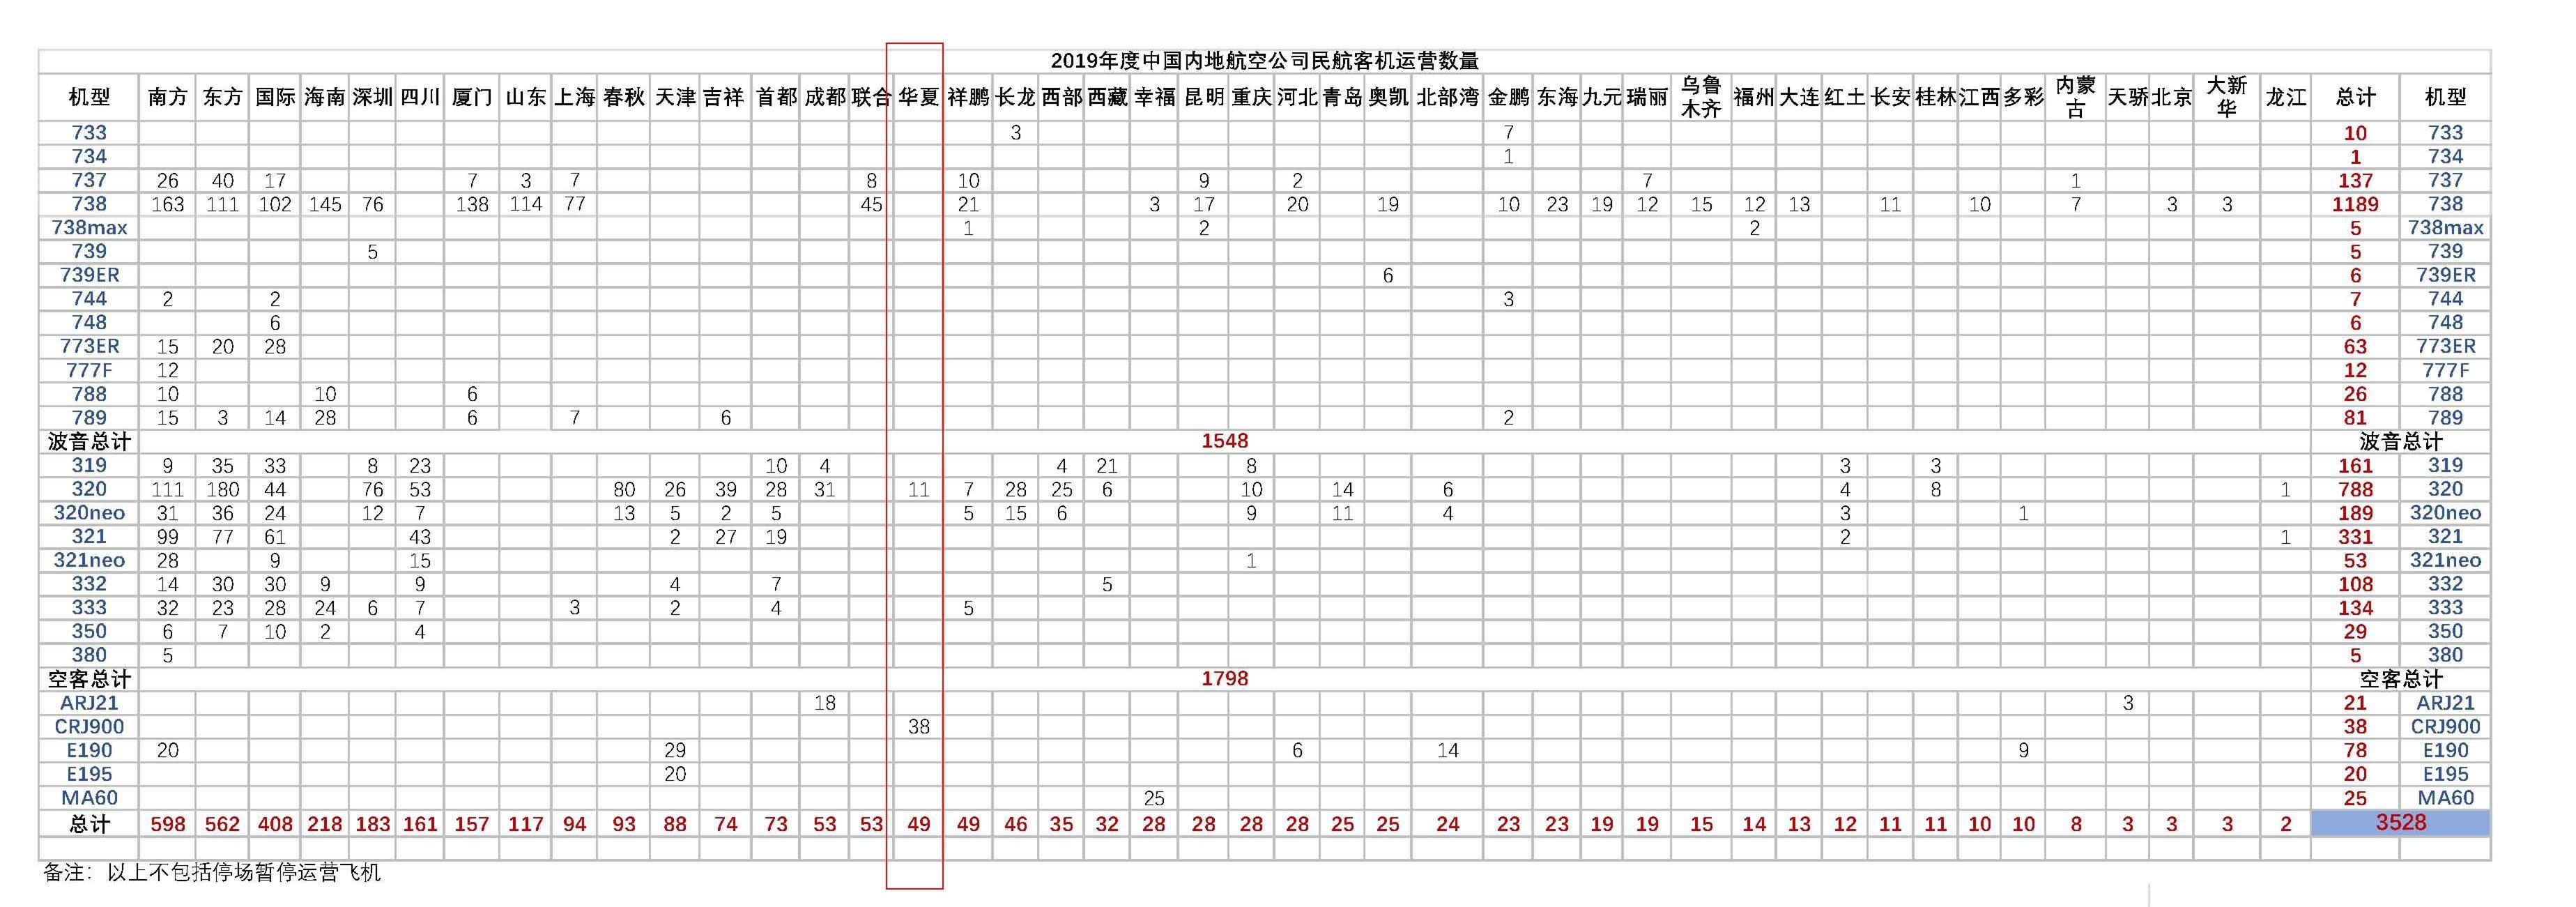 华夏航空机队规模处于国内航司的上半区(数据来源:民航休闲小站)